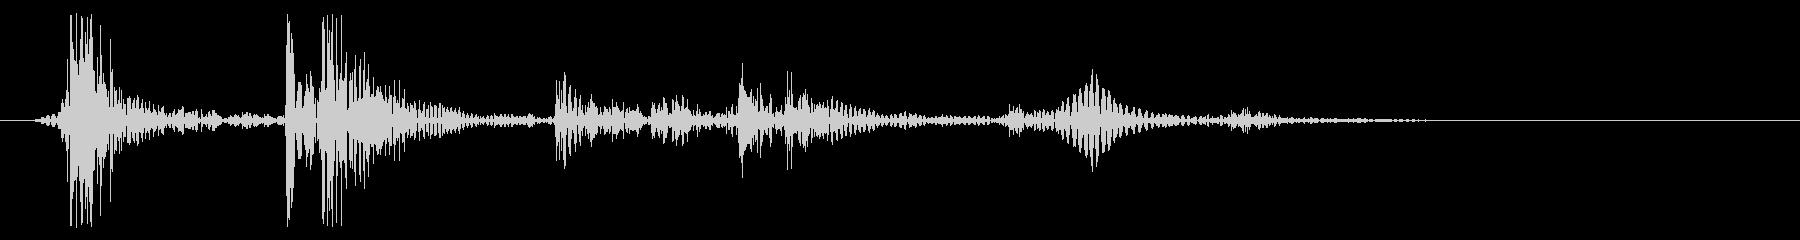 水滴音を加工して制作したキャンセル音の未再生の波形